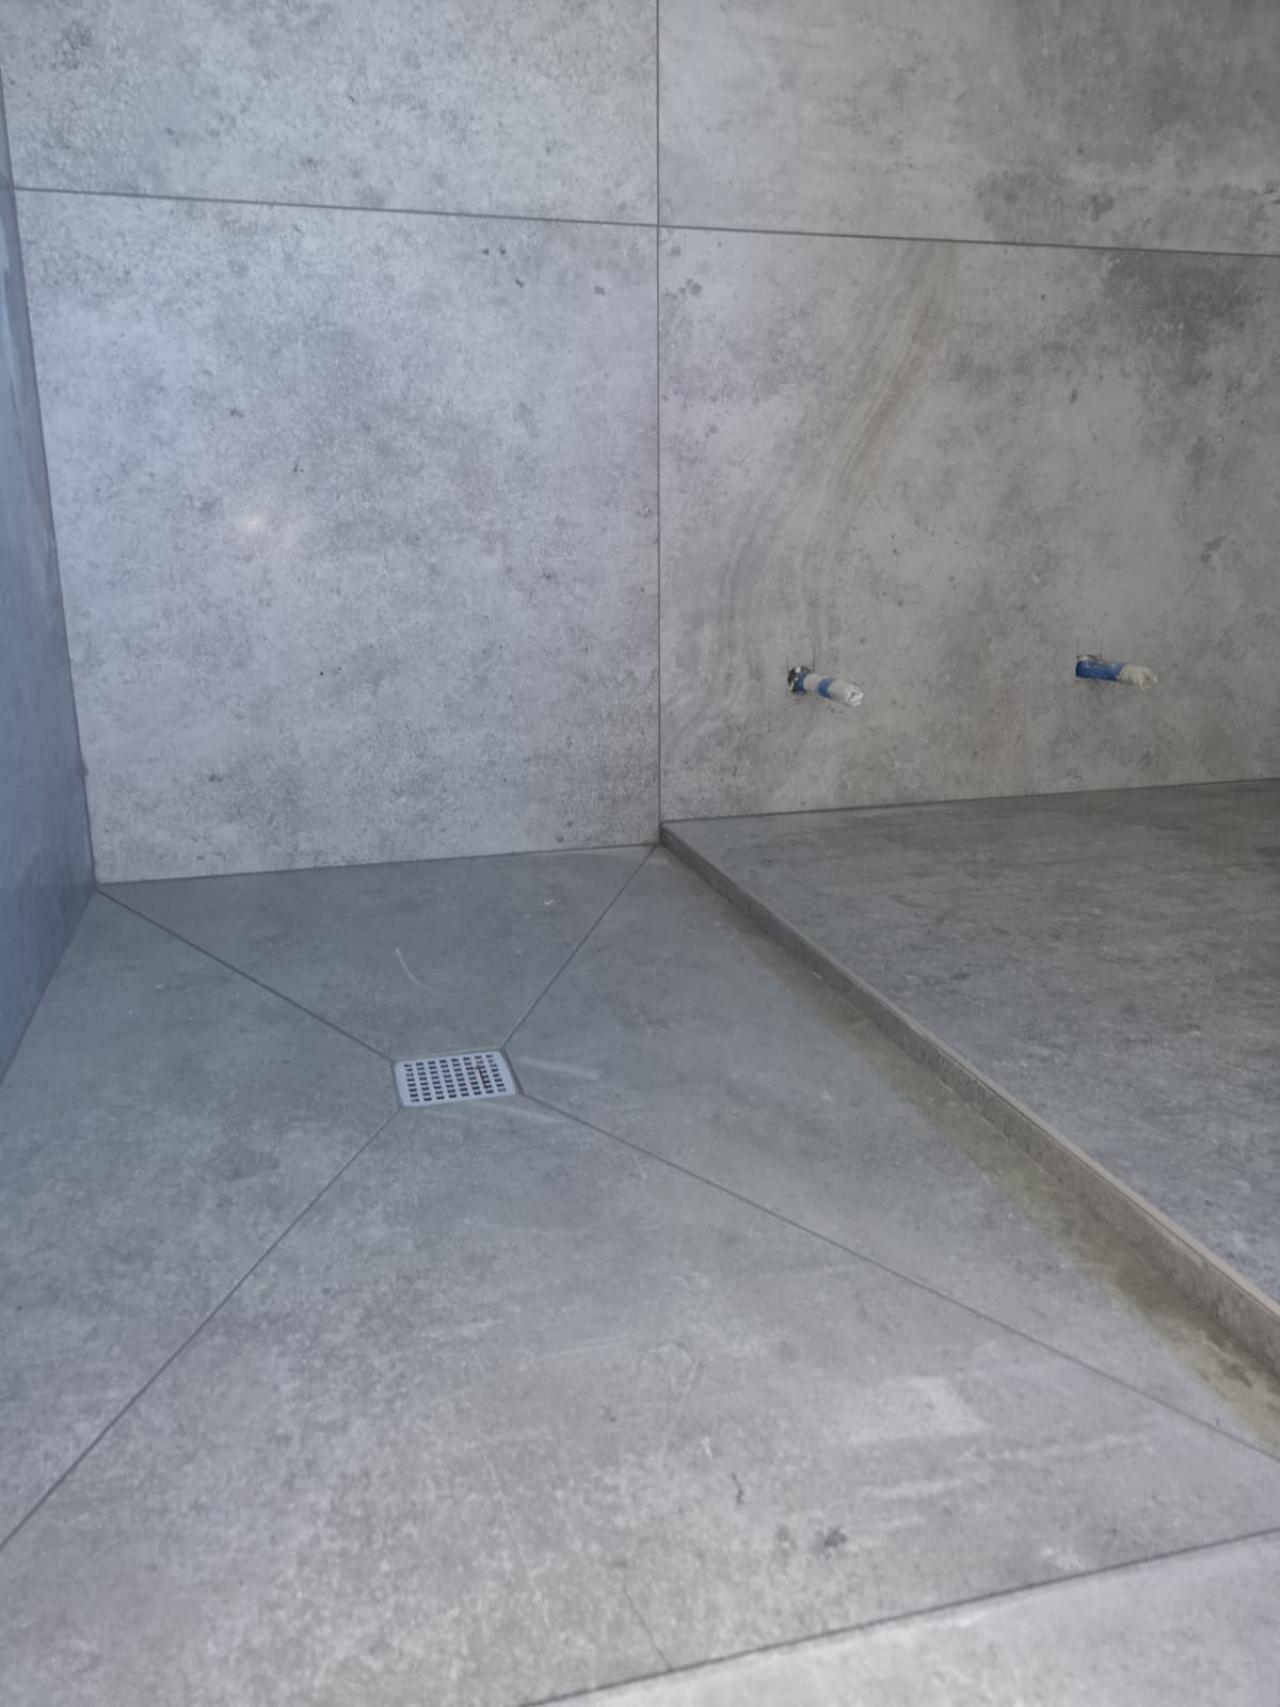 Piatto doccia in piastrelle come realizzarlo fratelli pellizzari - Posare un piatto doccia ...